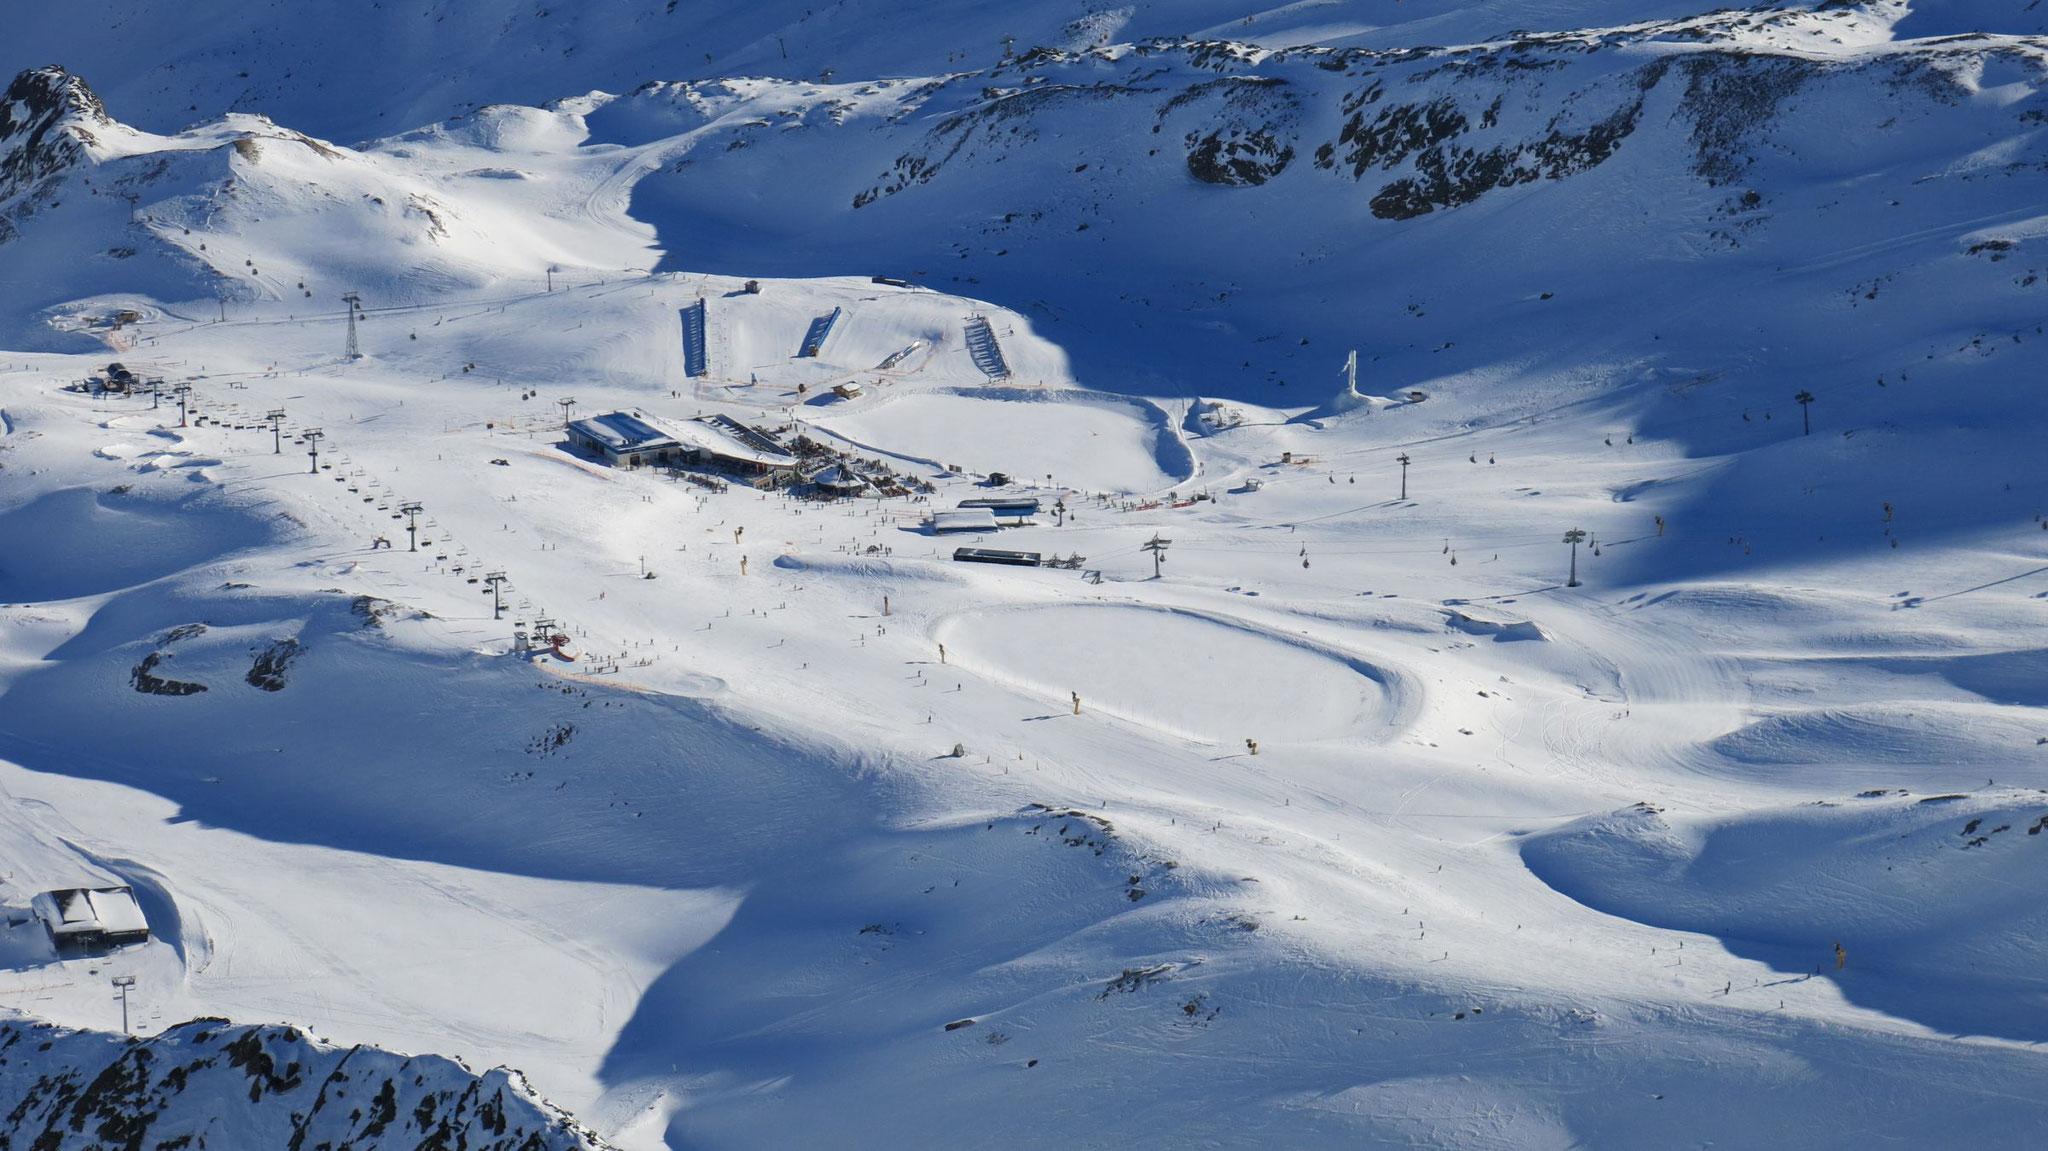 Stubaier Gletscherskigebiet